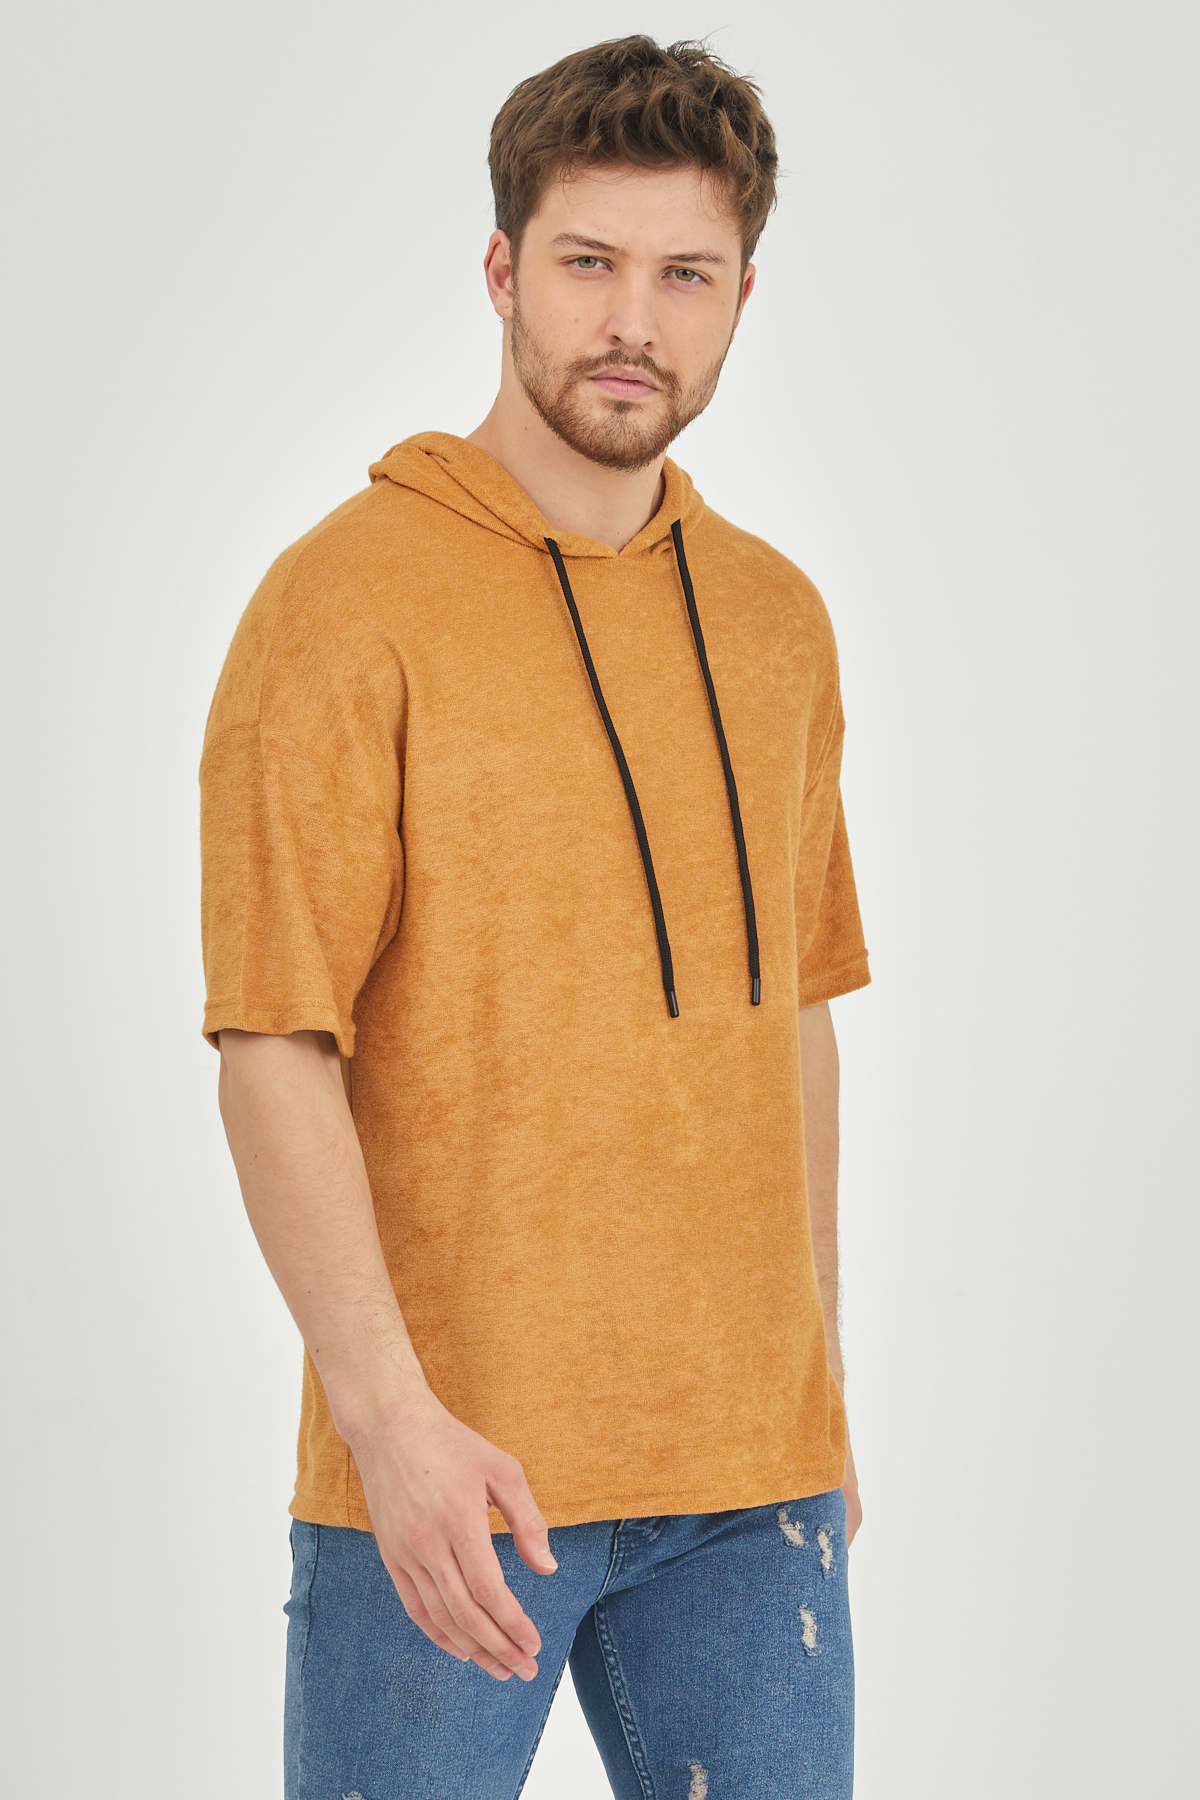 XHAN - Hardal Kısa Kol Baharlık Kapüşonlu Sweatshirt 1KXE8-44653-37